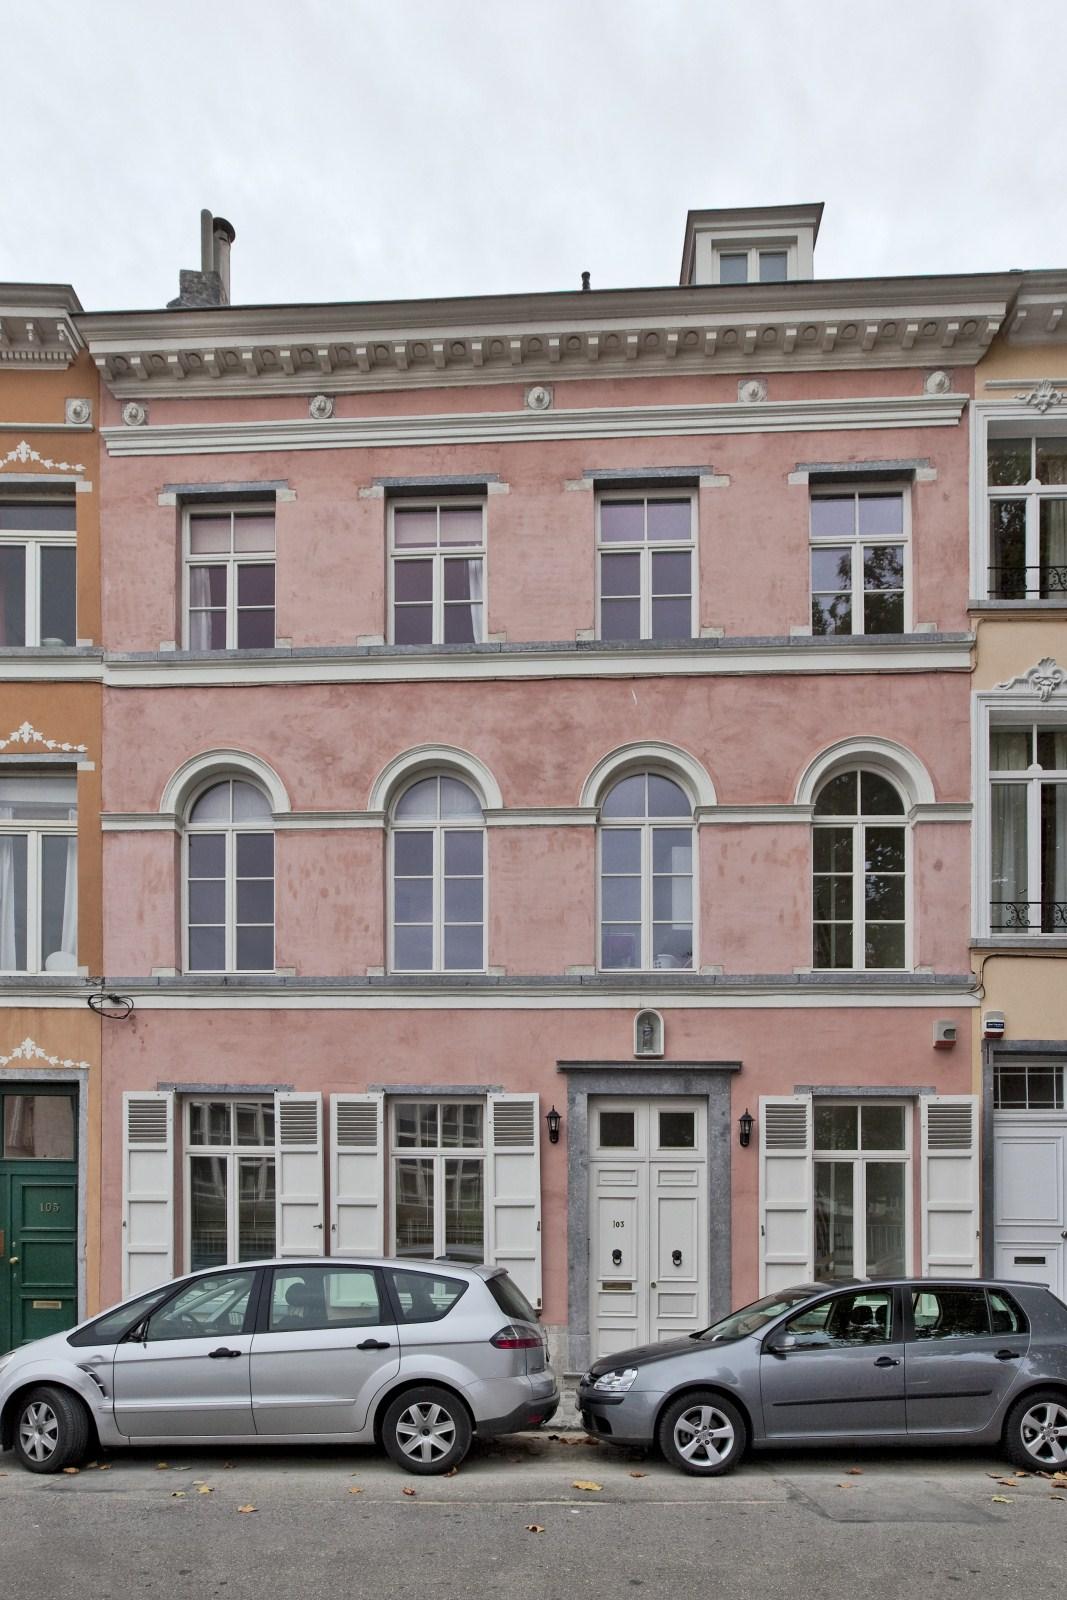 Rue Keyenveld 103.© 2009 © bepictures / BRUNETTA V. – EBERLIN M.